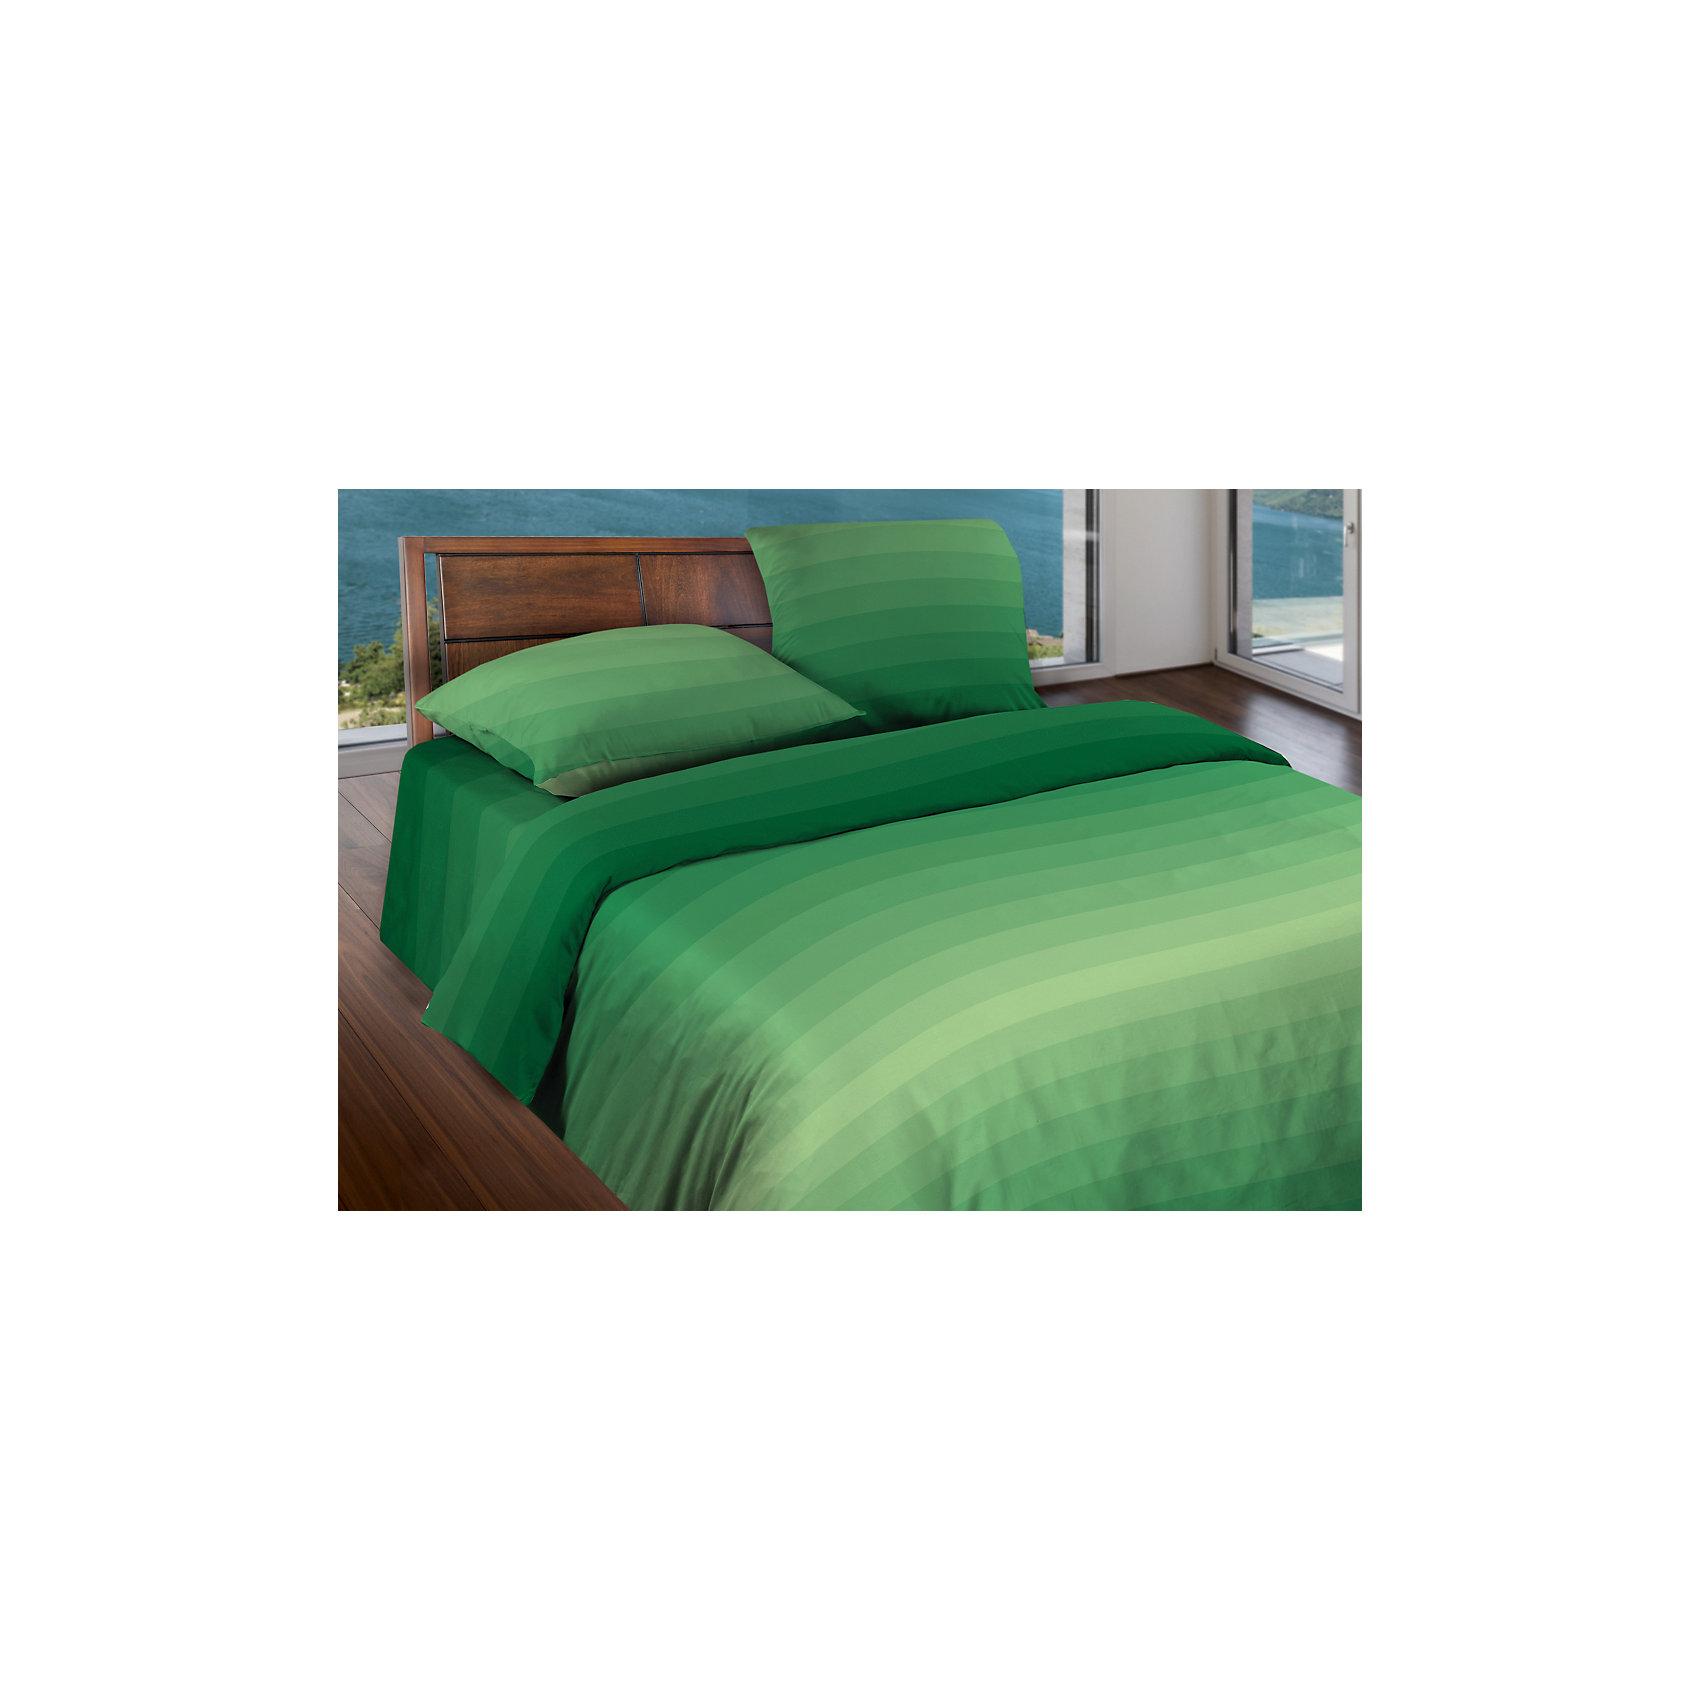 Постельное белье 1,5 сп. Flow Green БИО Комфорт, Wenge MotionДомашний текстиль<br>Характеристики 1,5 спального комплекта постельного белья   Flow Green  БИО Комфорт, Wenge Motion:<br><br>- производитель: Неотек<br>- материал: бязь<br>- состав: 100% хлопок<br>- размер комплекта: полутораспальный<br>- размер пододеяльника: 215*145 см.<br>- размер простыни: 220*150 см.<br>- размер наволочек: 70*70 (2 шт)<br>- упаковка комплекта: книжка пвх<br>- страна бренда: Россия<br>- страна производитель: Россия<br><br>1,5 спальный комплект постельного белья Flow Green серии Wenge Motion (Венге) – это постельное белье из бязи высокой плотности ткани российского производства.  Благодаря такой ткани  увеличена стойкость окрашивания и улучшены потребительские свойства. Ткань приятная на ощупь, имеет ровную поверхность, высокий порог износостойкости. Комплект имеет современный дизайн  и смелые расцветки, что делает изделие  идеальным выбором для молодых семей и всех, кто следит за модными тенденциями в мире текстиля.<br><br>Постельное белье Flow Green Wenge Motion  имеет ряд преимуществ:<br><br>- натуральность - 100% хлопок;<br>- повышенная износоустойчивость;<br>- разнообразие расцветок и модные дизайны;<br>- сочетаемость между комплектами, сочетая разные комплекты можно создать новые дизайны самостоятельно.<br><br>Комплекта постельного белья   Flow Brown   серии Wenge Motion можно купить в нашем интернет-магазине.<br><br>Ширина мм: 370<br>Глубина мм: 70<br>Высота мм: 370<br>Вес г: 1400<br>Возраст от месяцев: 36<br>Возраст до месяцев: 216<br>Пол: Унисекс<br>Возраст: Детский<br>SKU: 5100111